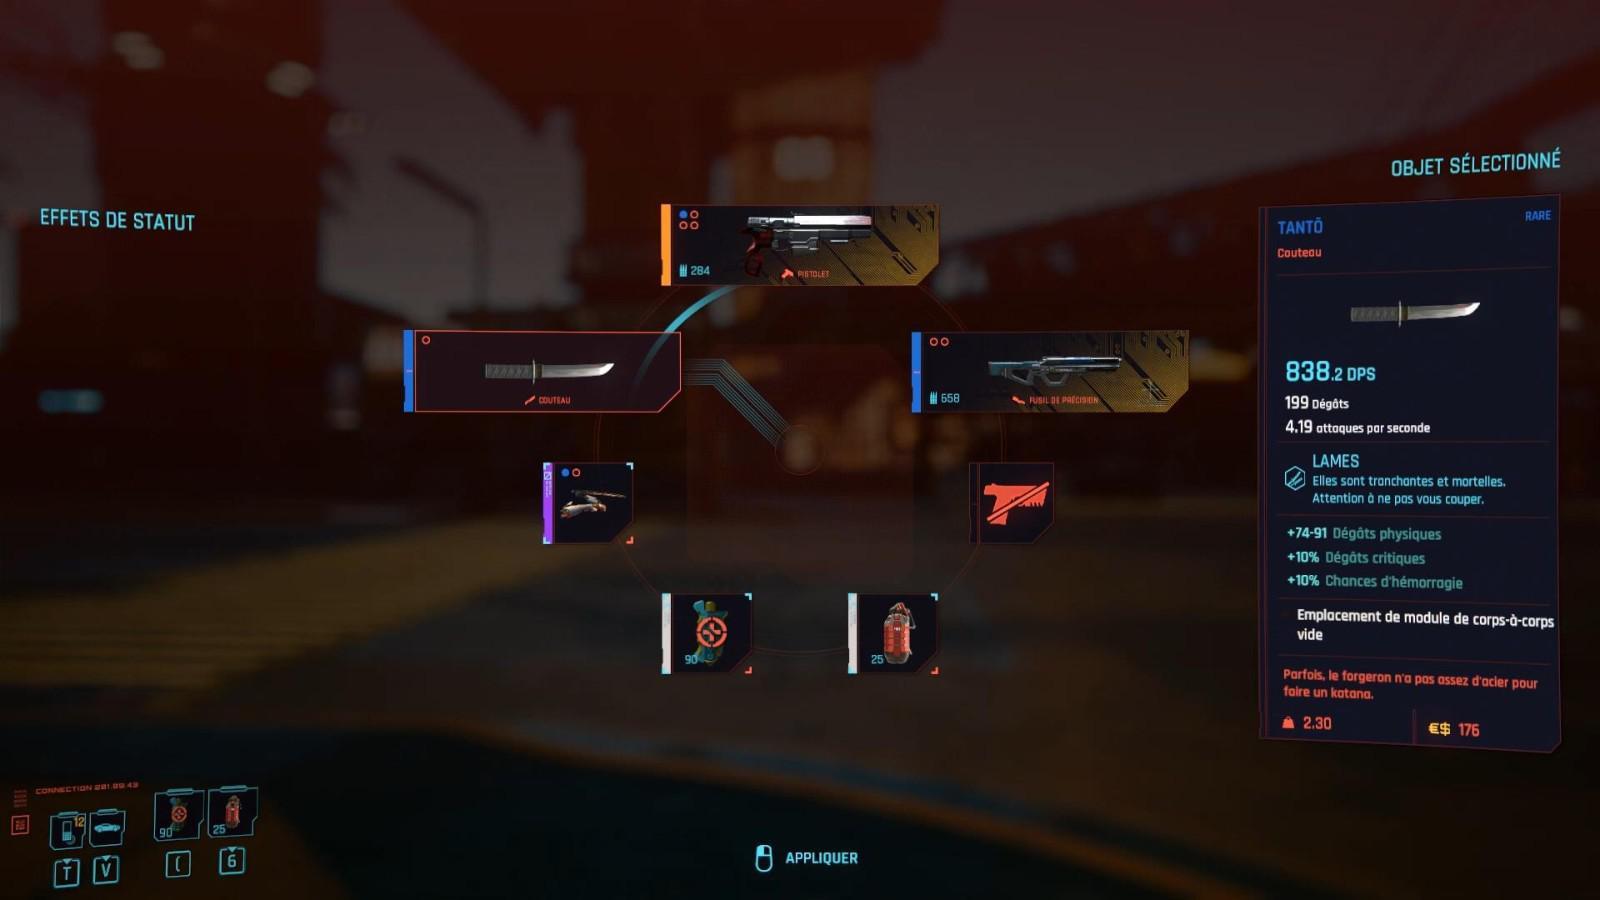 玩家制《賽博朋克2077》貼牆跑Mod 還原被移除功能